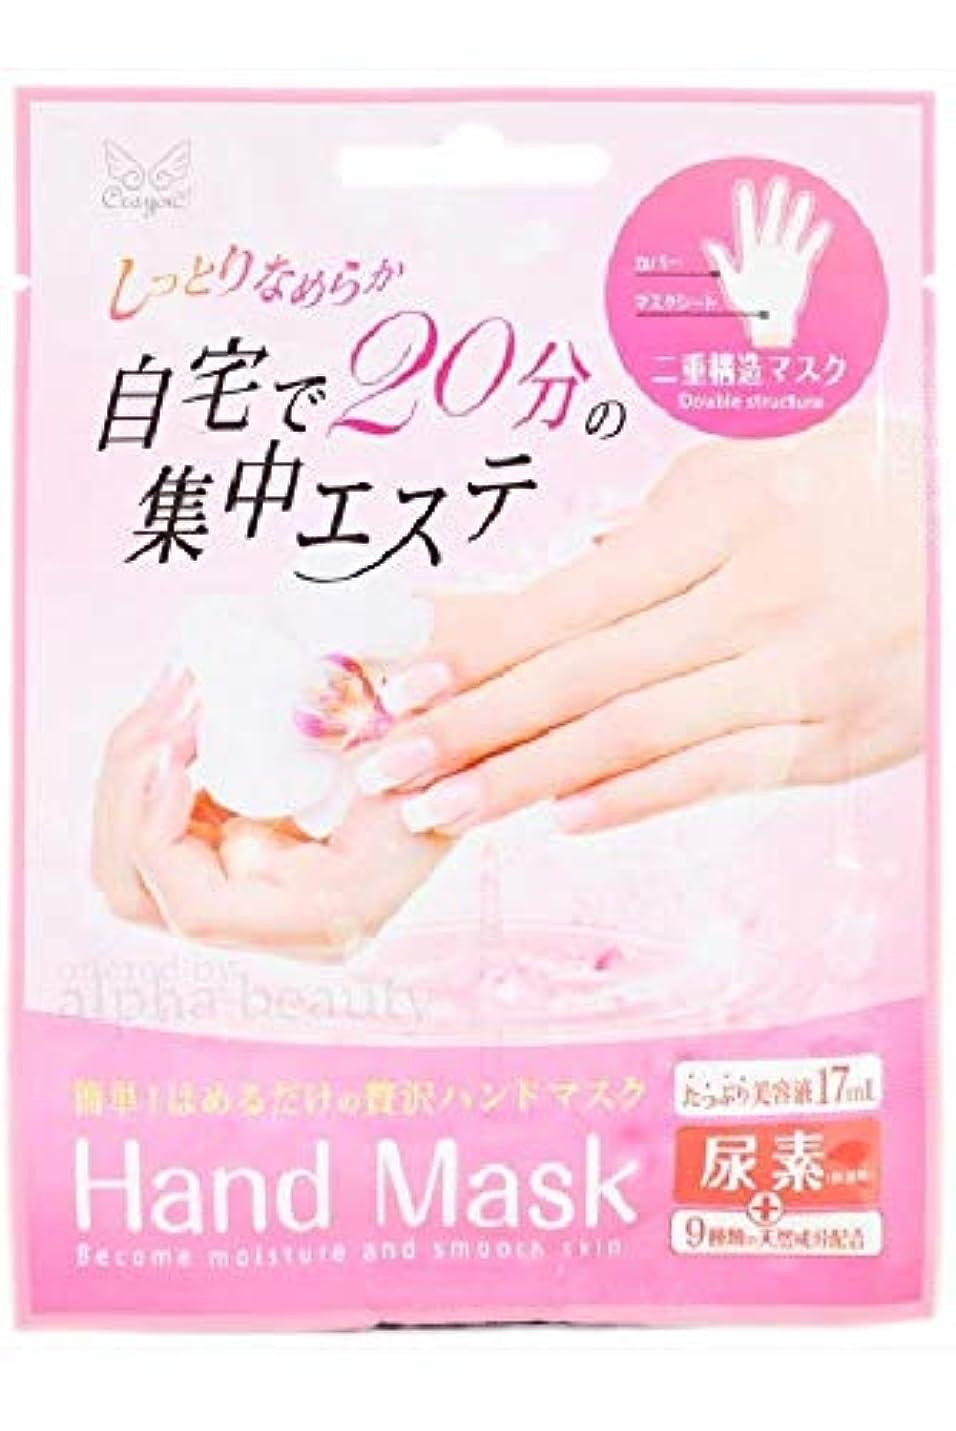 シソーラスラジエーター殺人者ST ハンドマスク しっとりなめらか 自宅で 20分の 集中 エステ Hand Mask